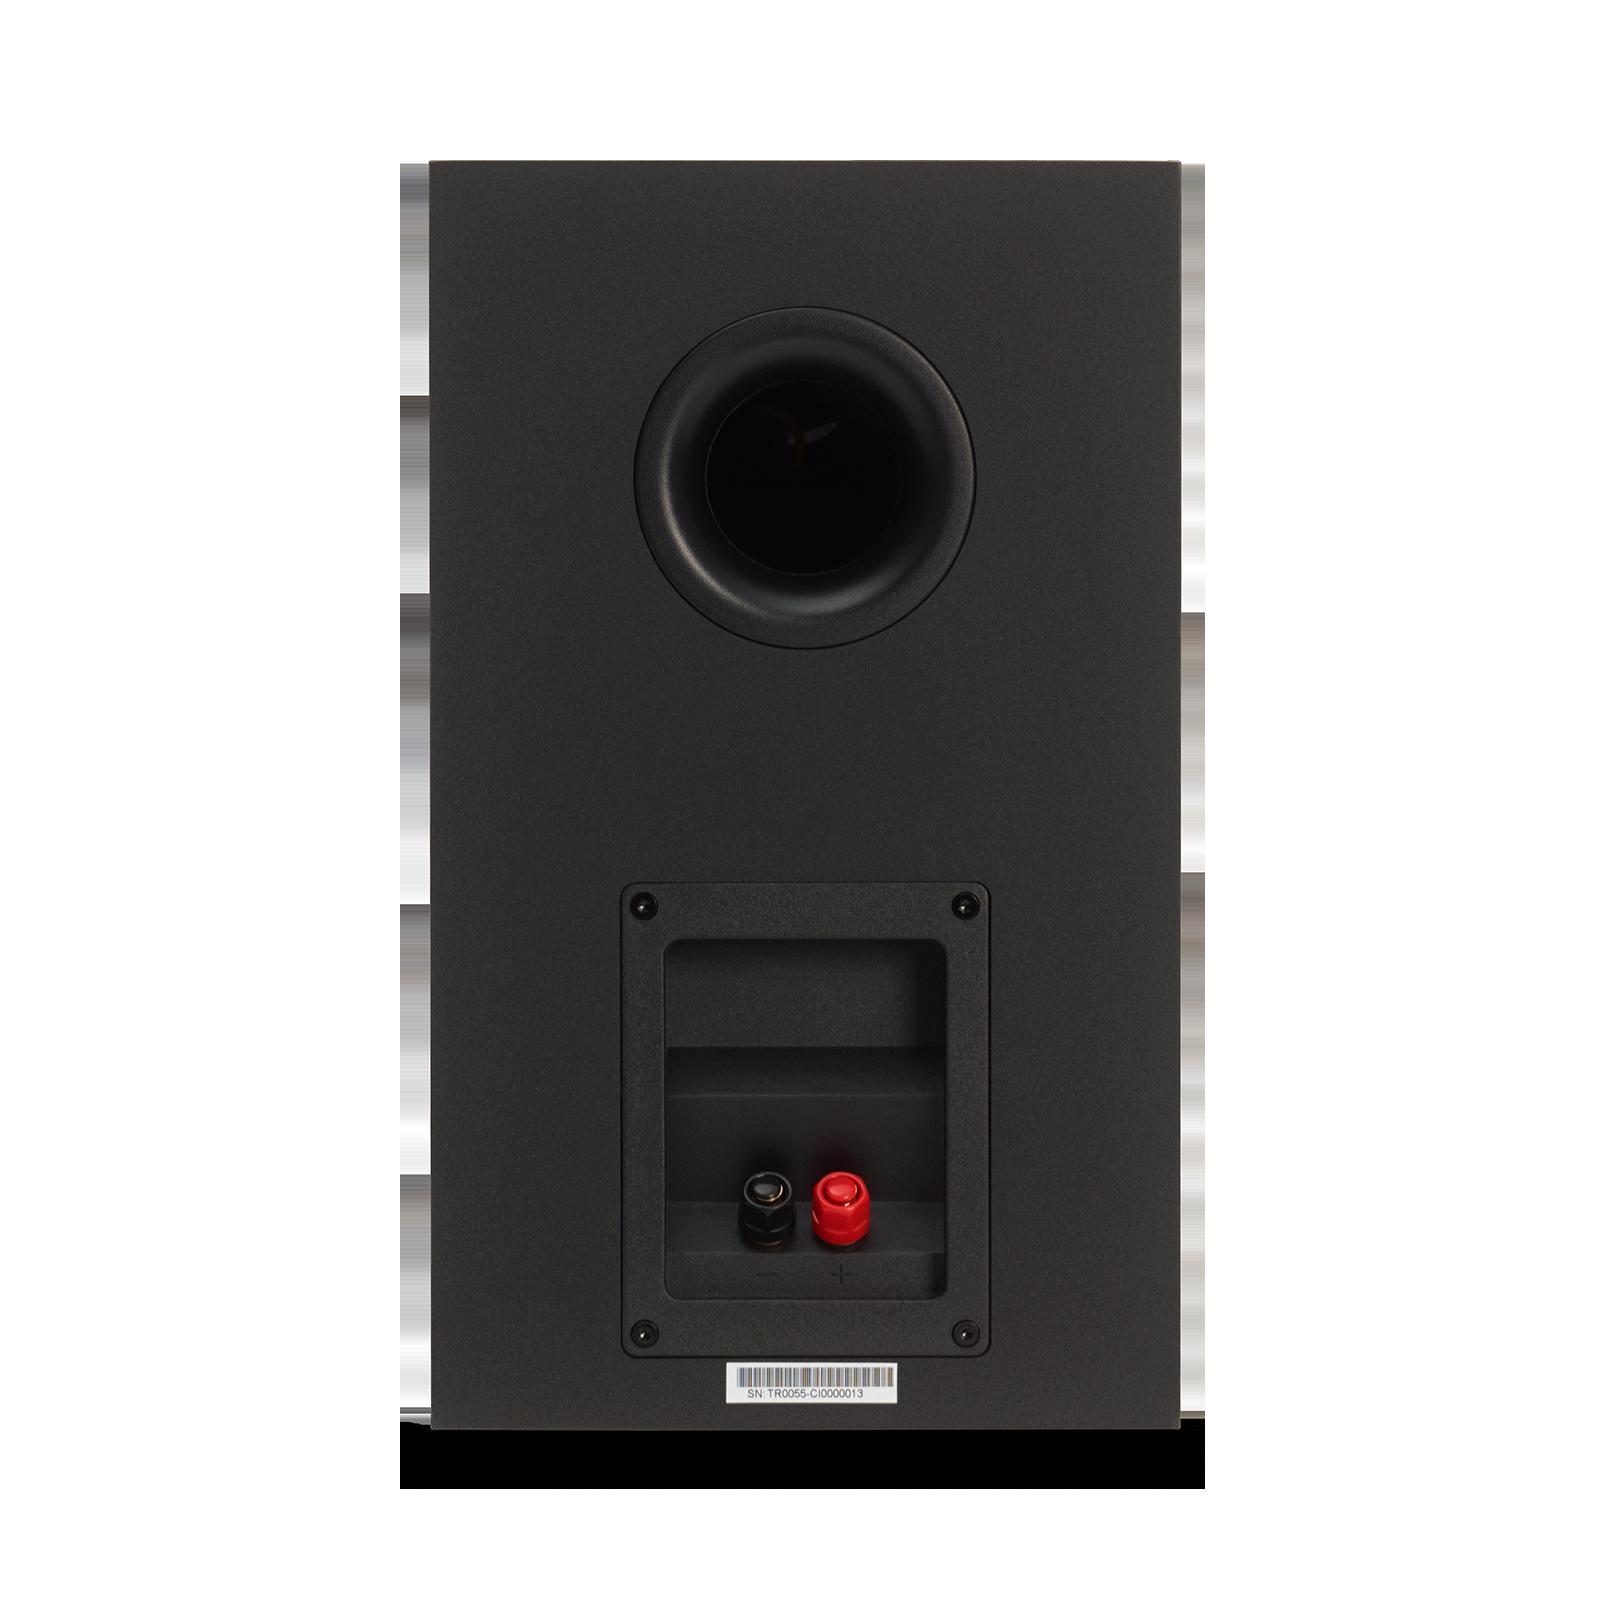 JBL Stage A130 - Black - Home Audio Loudspeaker System - Back